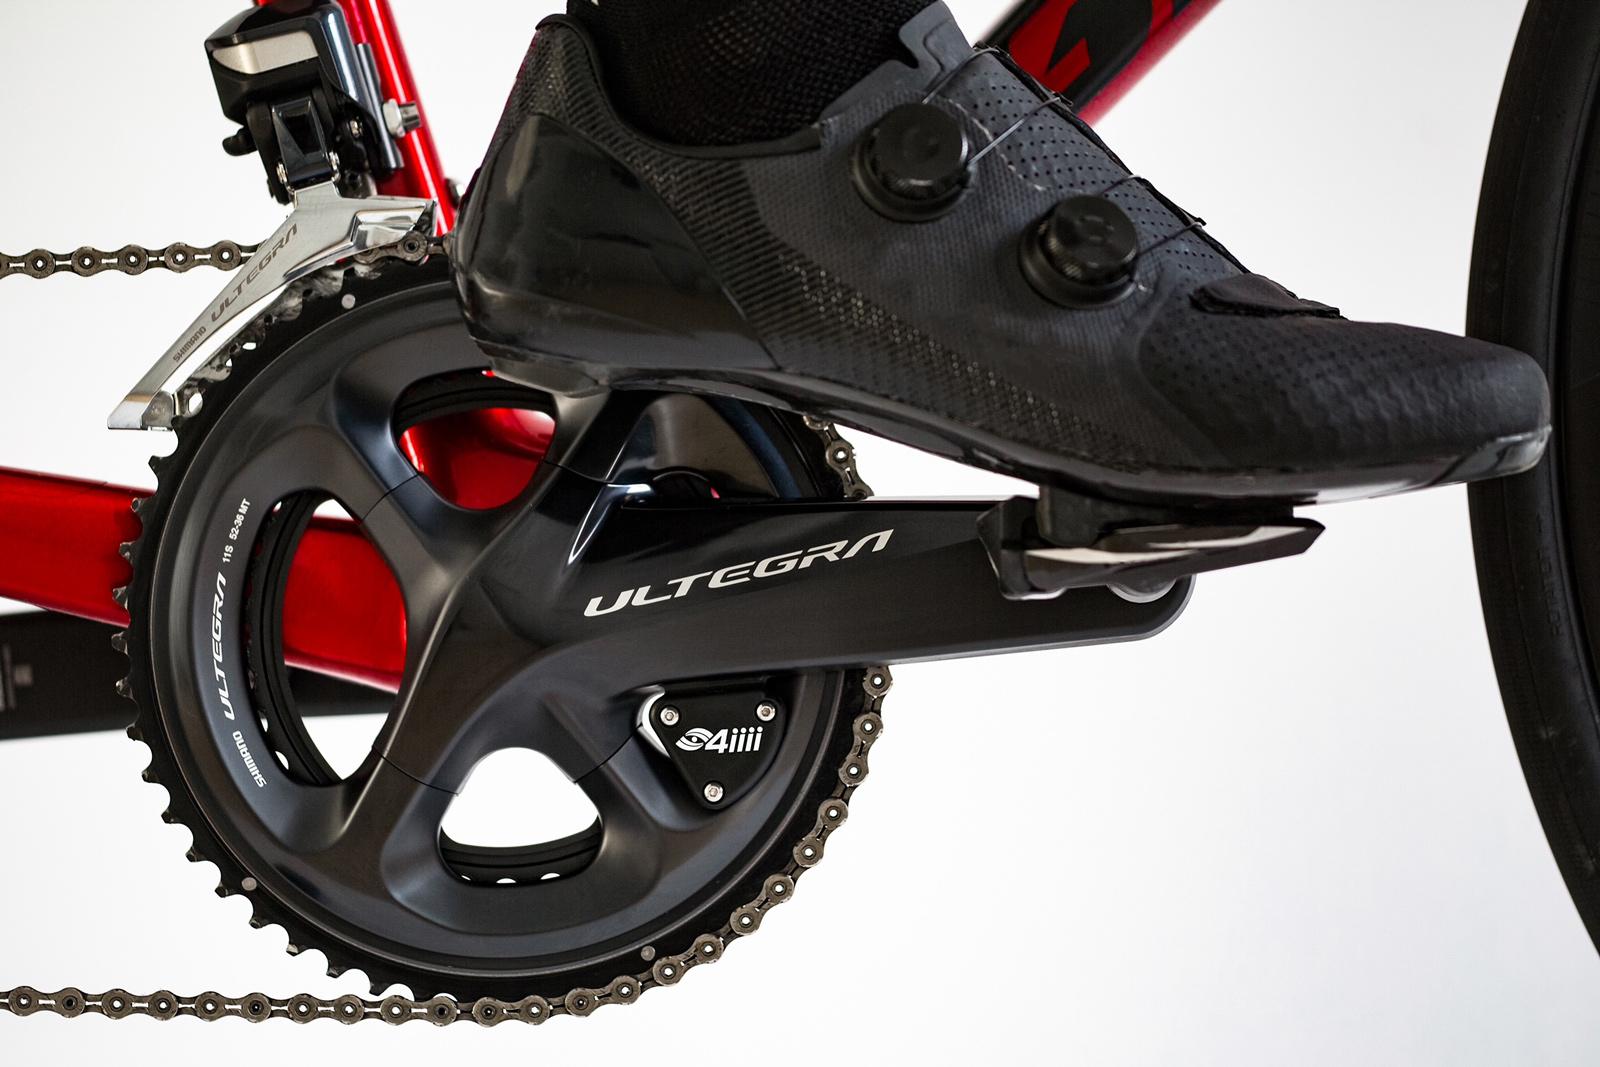 Imagen de 4iiii Dual-Side Precision Pro Biela con potenciómetro - Ride Ready - Shimano Ultegra FC-R8000